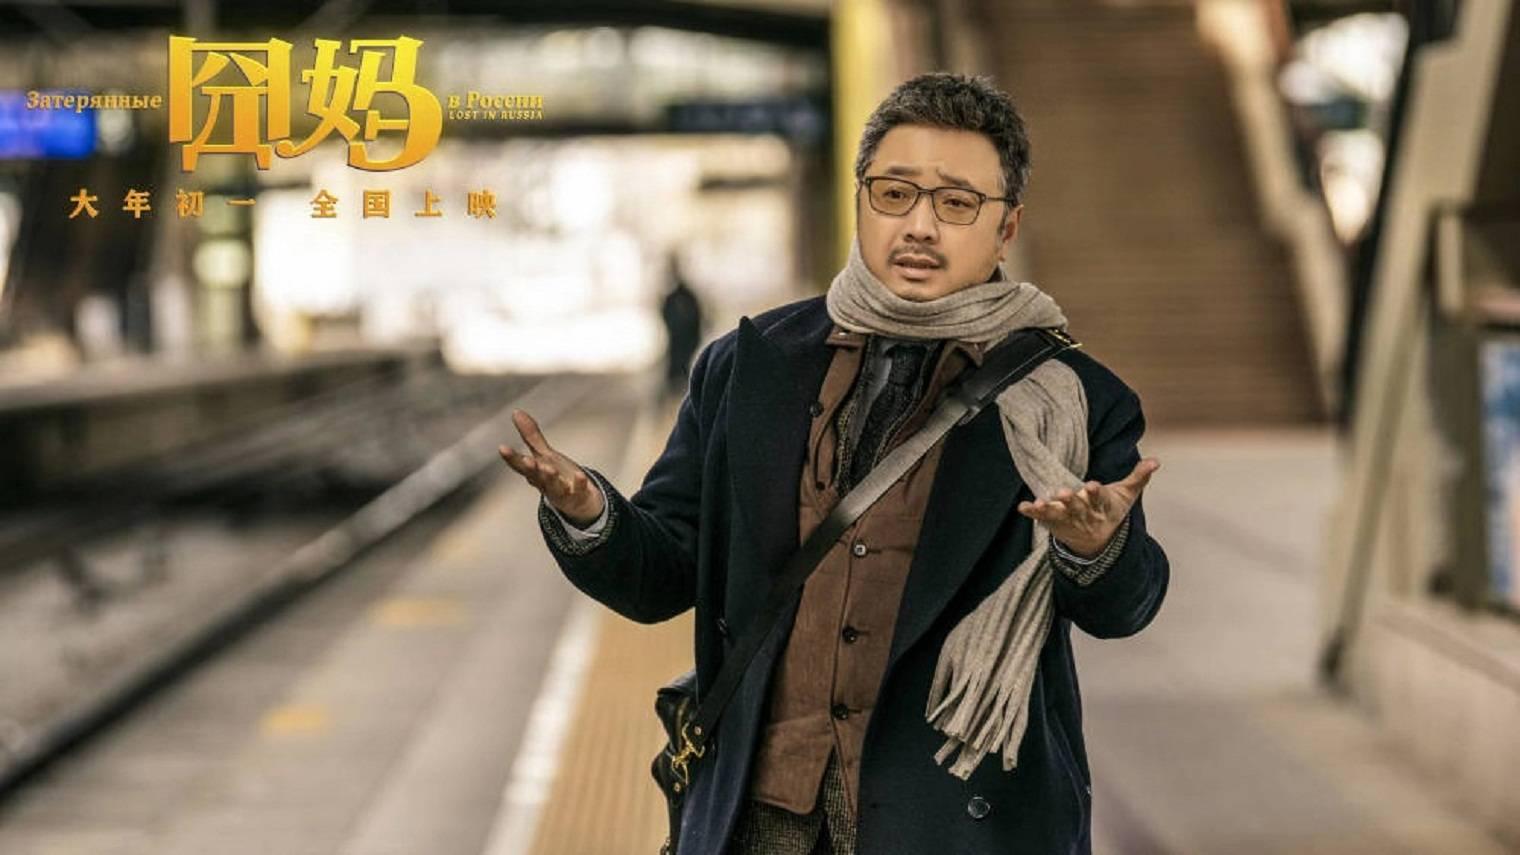 徐峥新片《囧妈》24亿票房保底,今年春节档到底有多激烈?